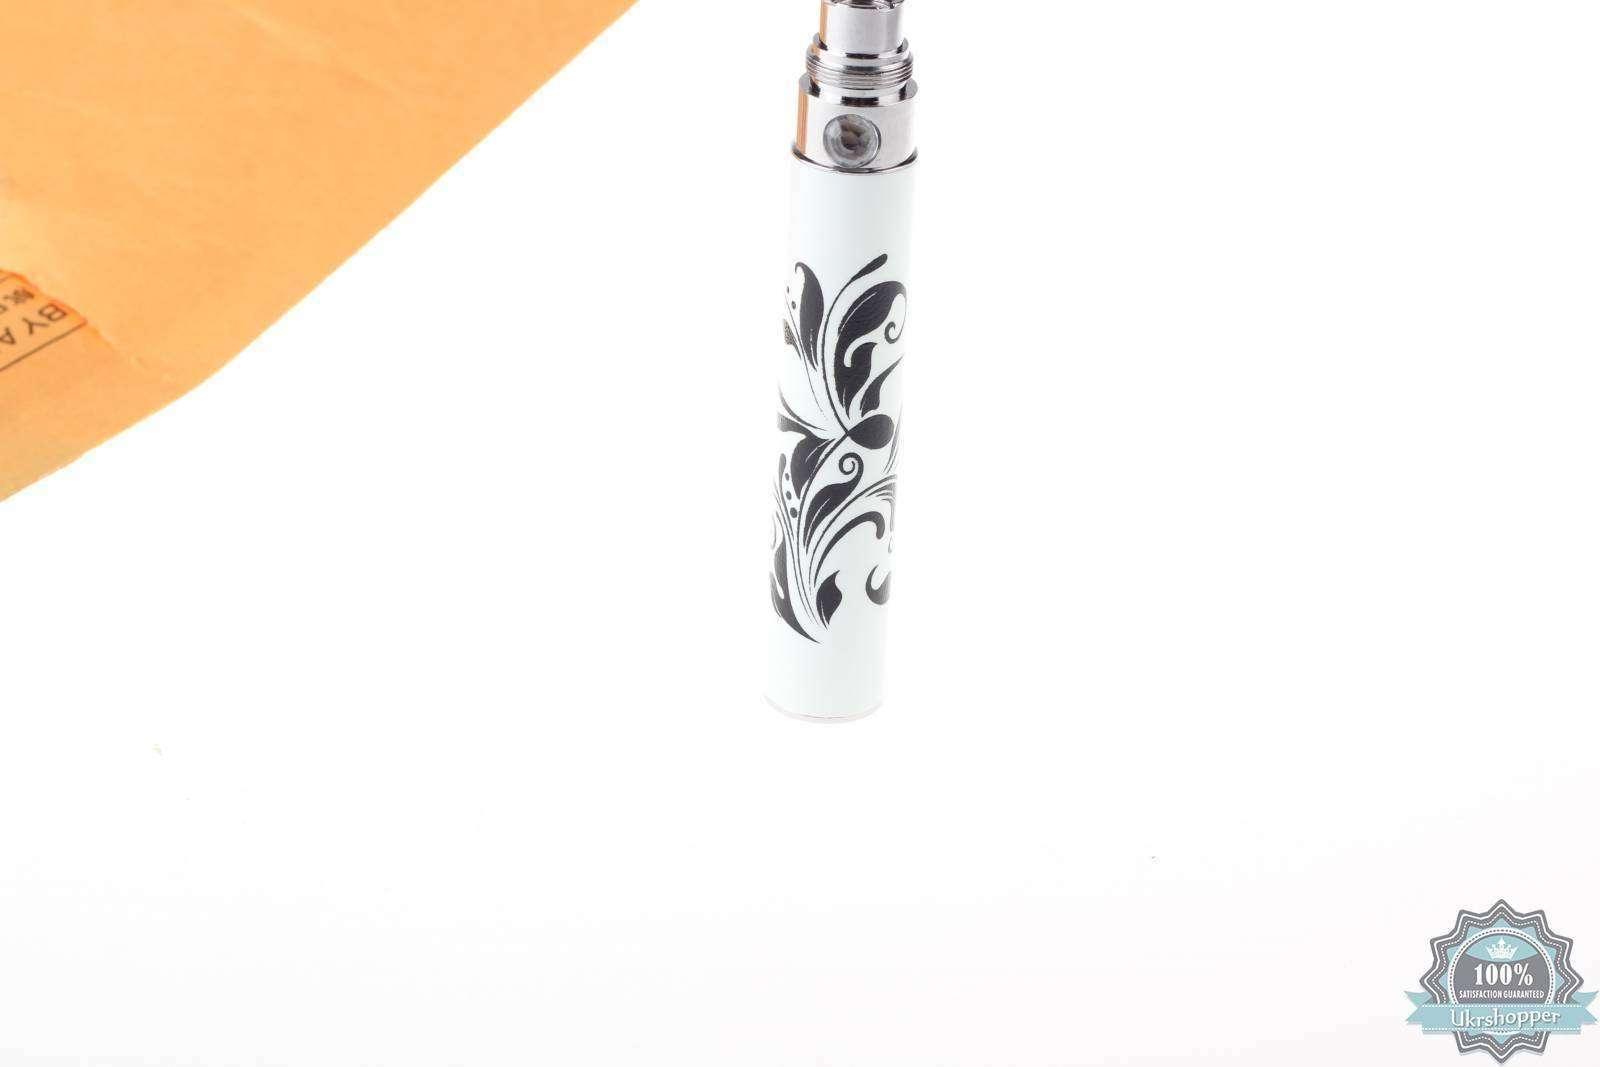 TinyDeal: Аккумулятор для почти любой электронной сигареты 900mAh